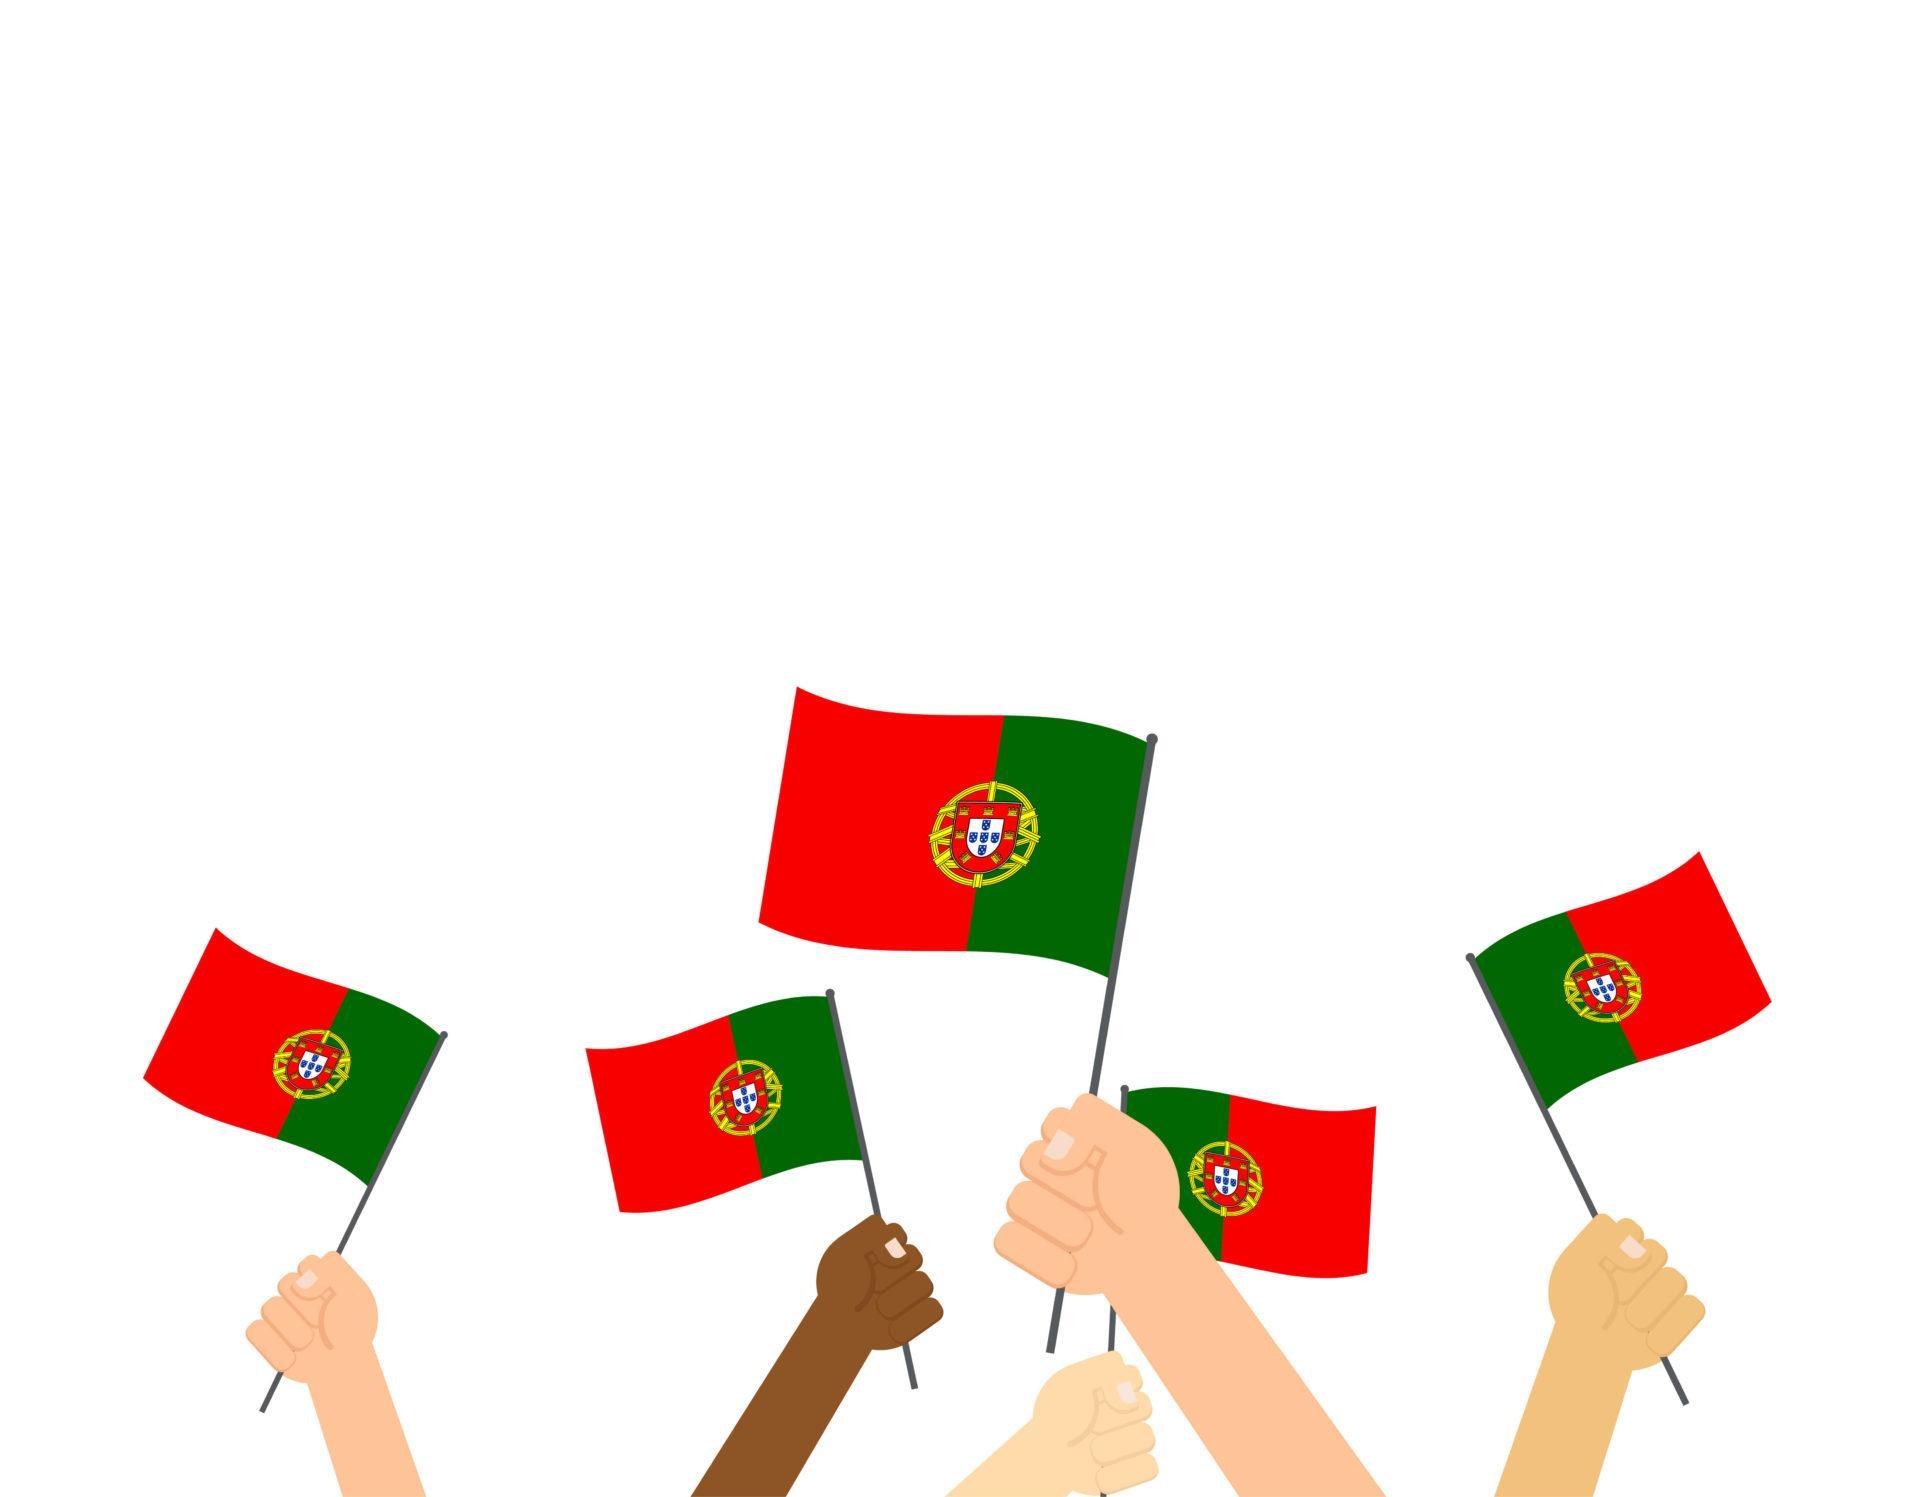 תהליך קבלת אזרחות פורטוגלית